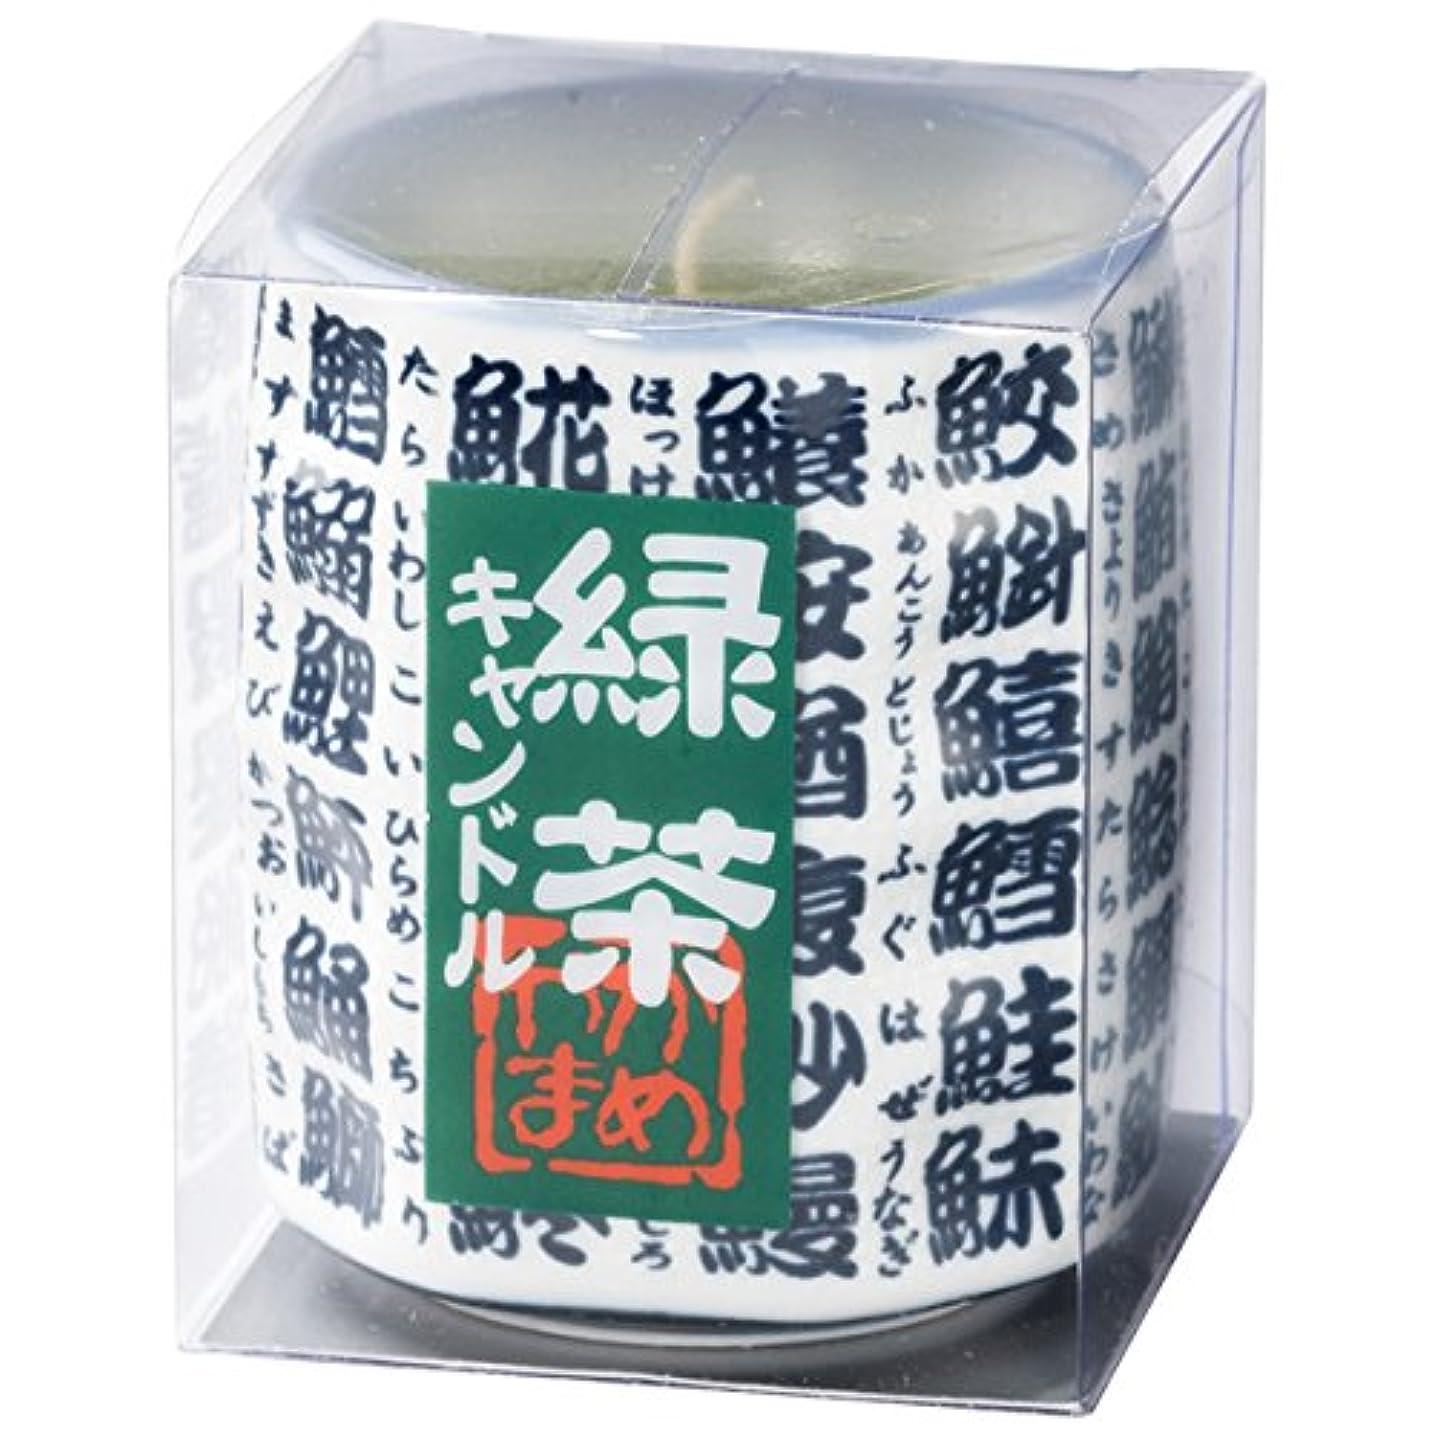 ラフナイロンルーフ緑茶キャンドル